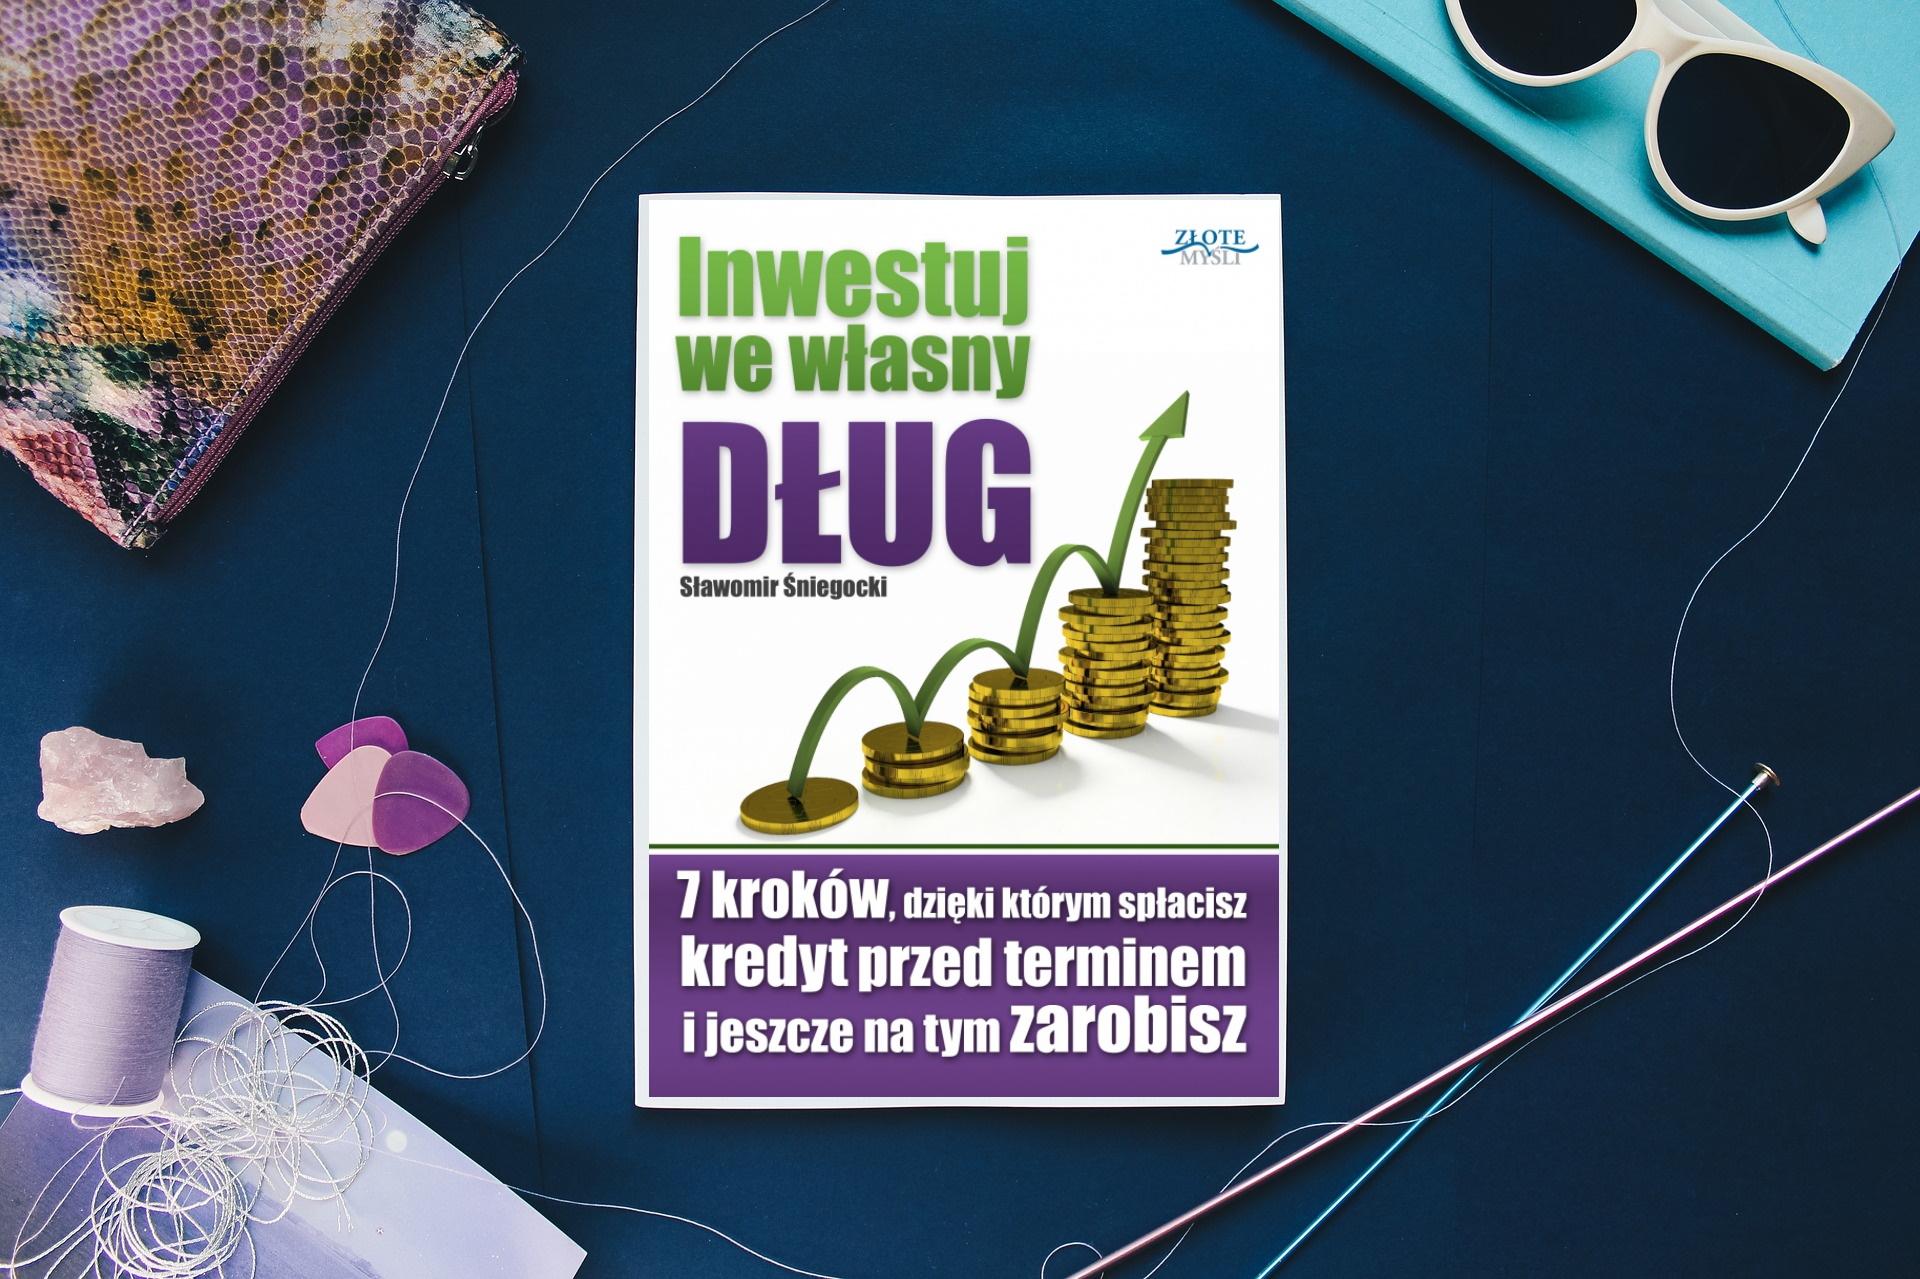 """Ksiażka """"Inwestuj we włąsny dług"""" Sławomir Śniegocki"""